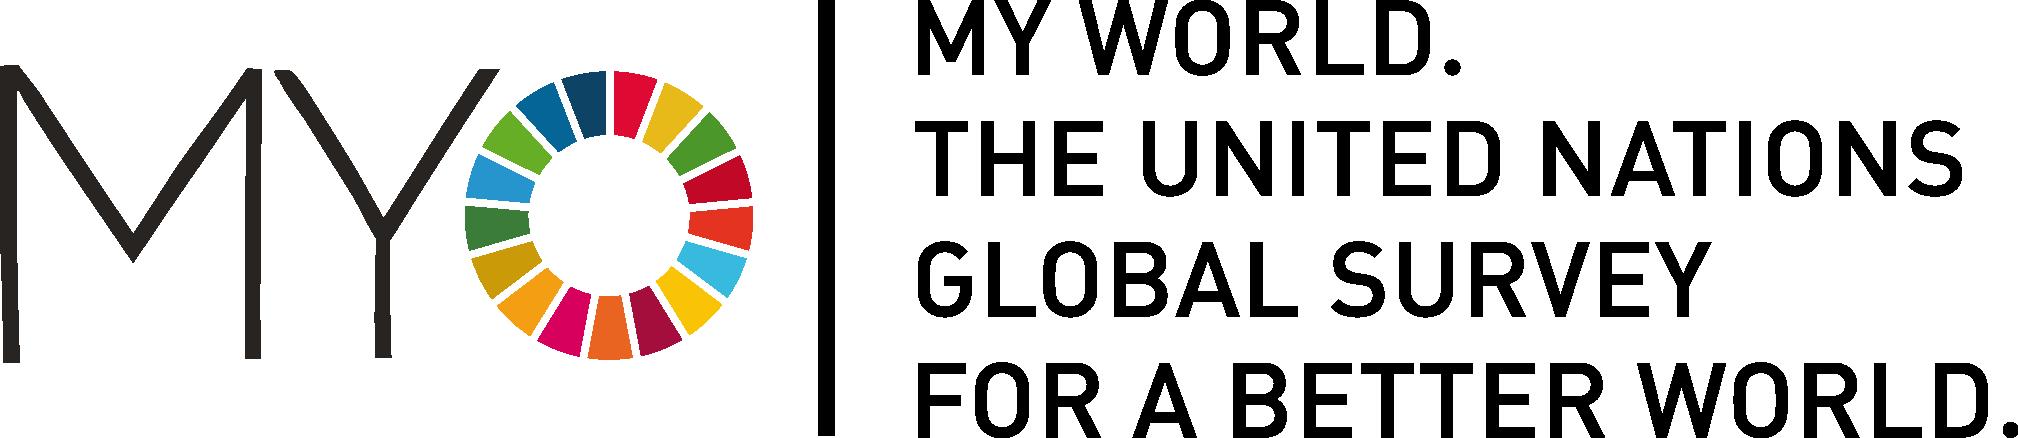 MYWORLD Logo.png